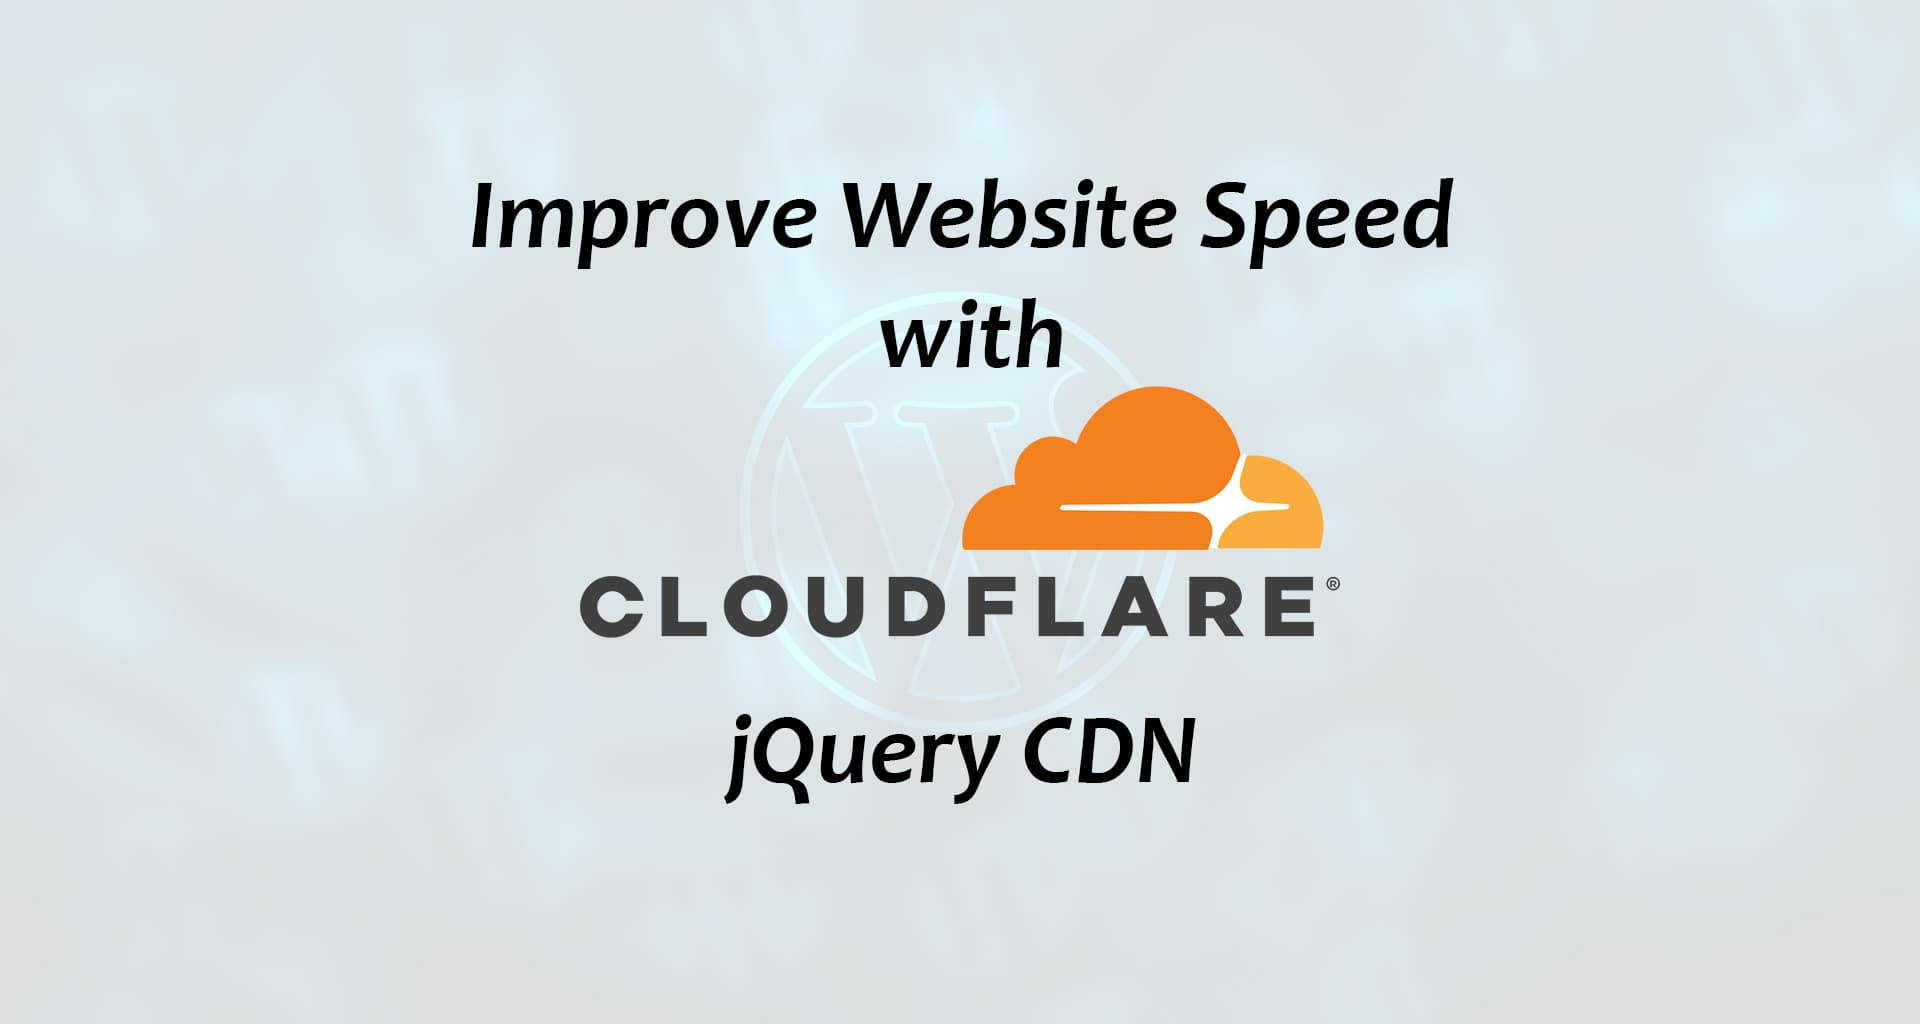 Cloudflare jQuery CDN